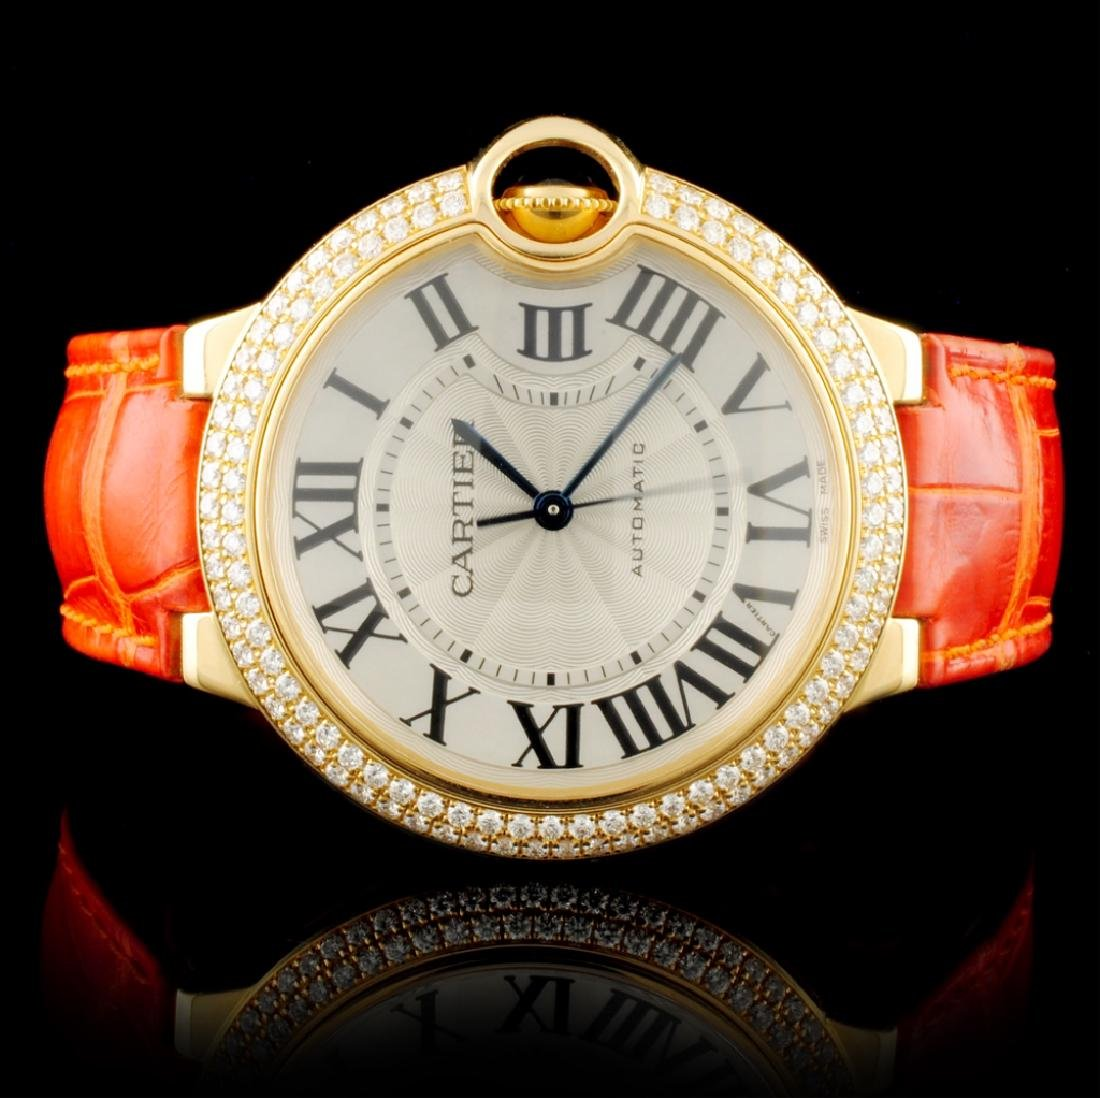 Cartier Ballon Bleu 18K YG Diamond 36MM Watch